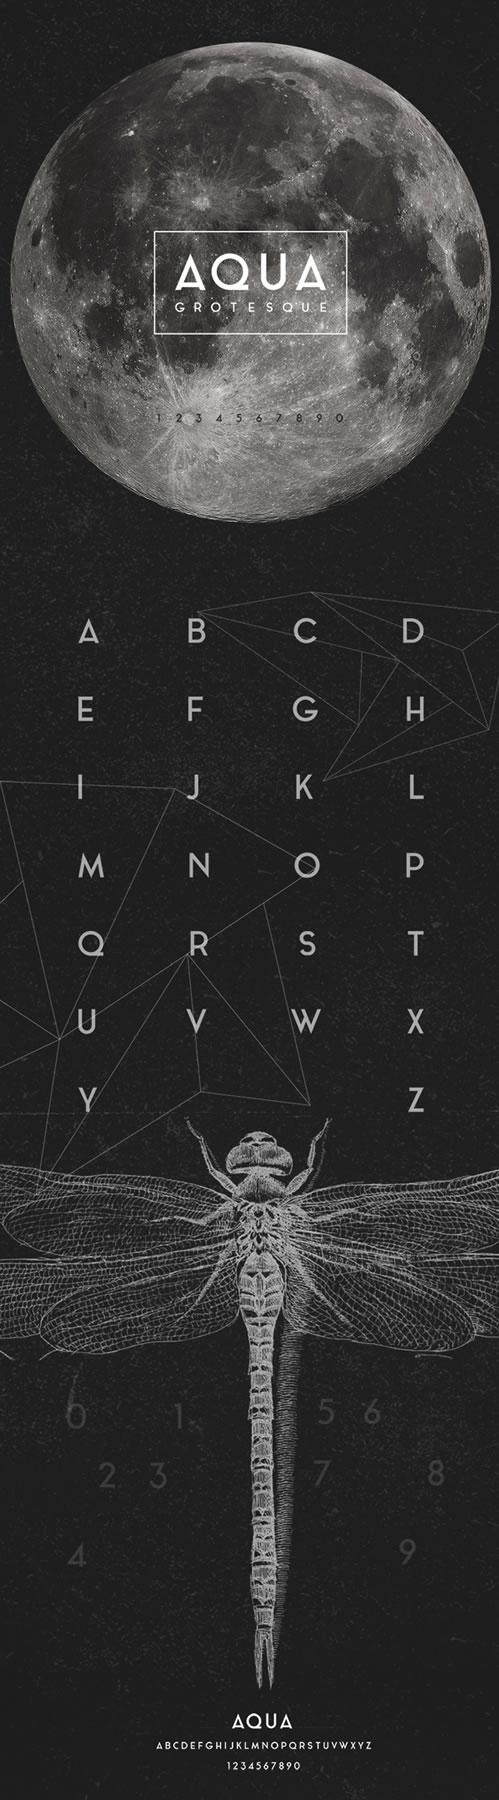 ucretsiz-font-5